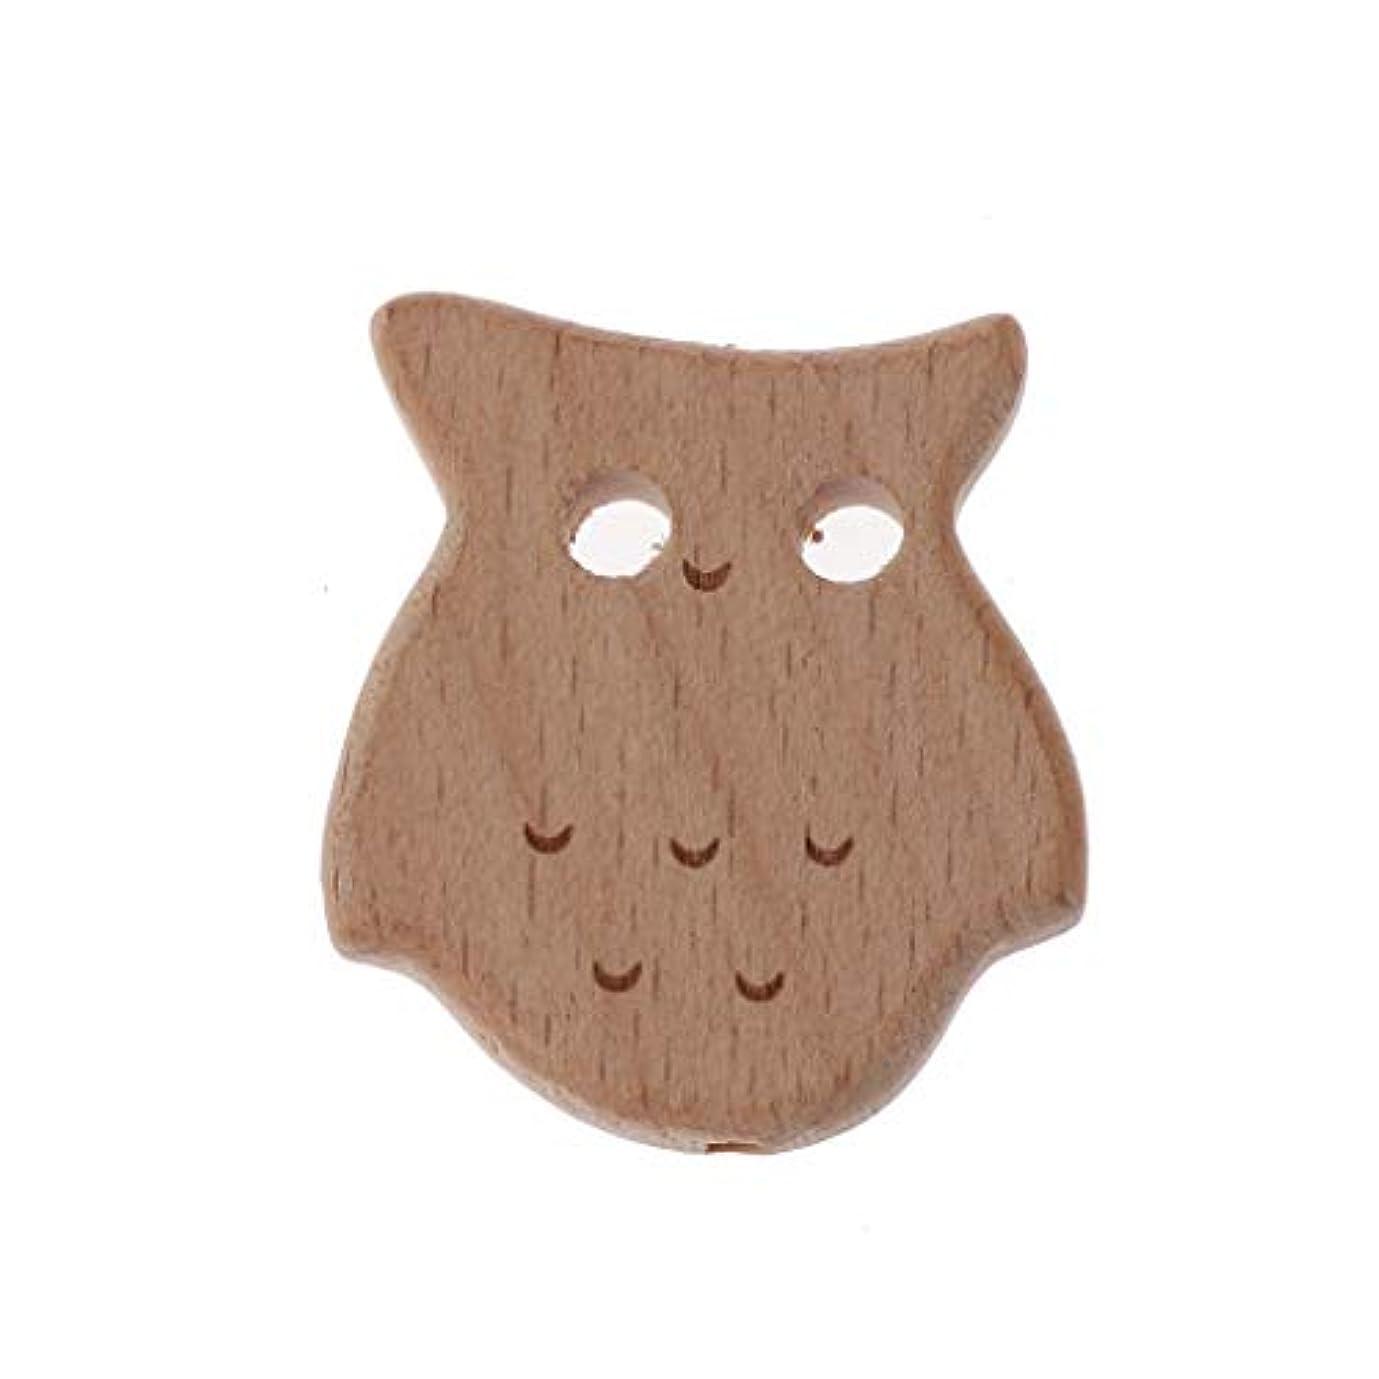 縫い目粒子ドットLandwoodウッド歯が生えるビーズニレ動物ビーズ赤ちゃんのおもちゃDIYおしゃぶりチェーンアクセサリー - フクロウ